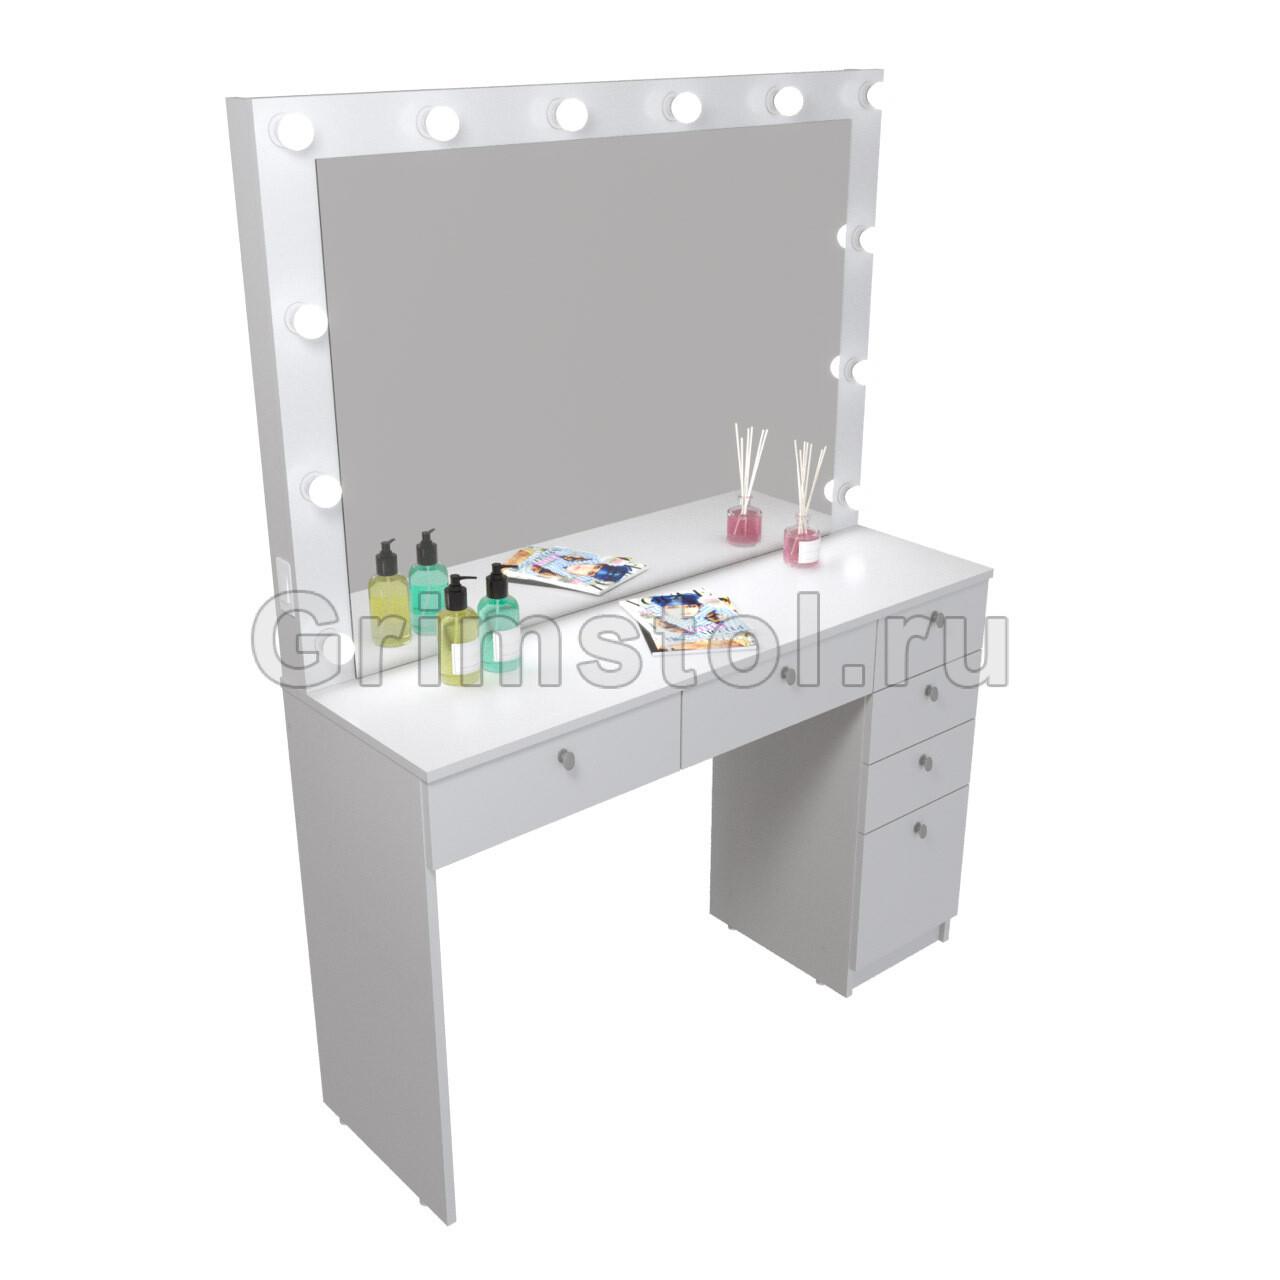 Гримерный столик 9Р120